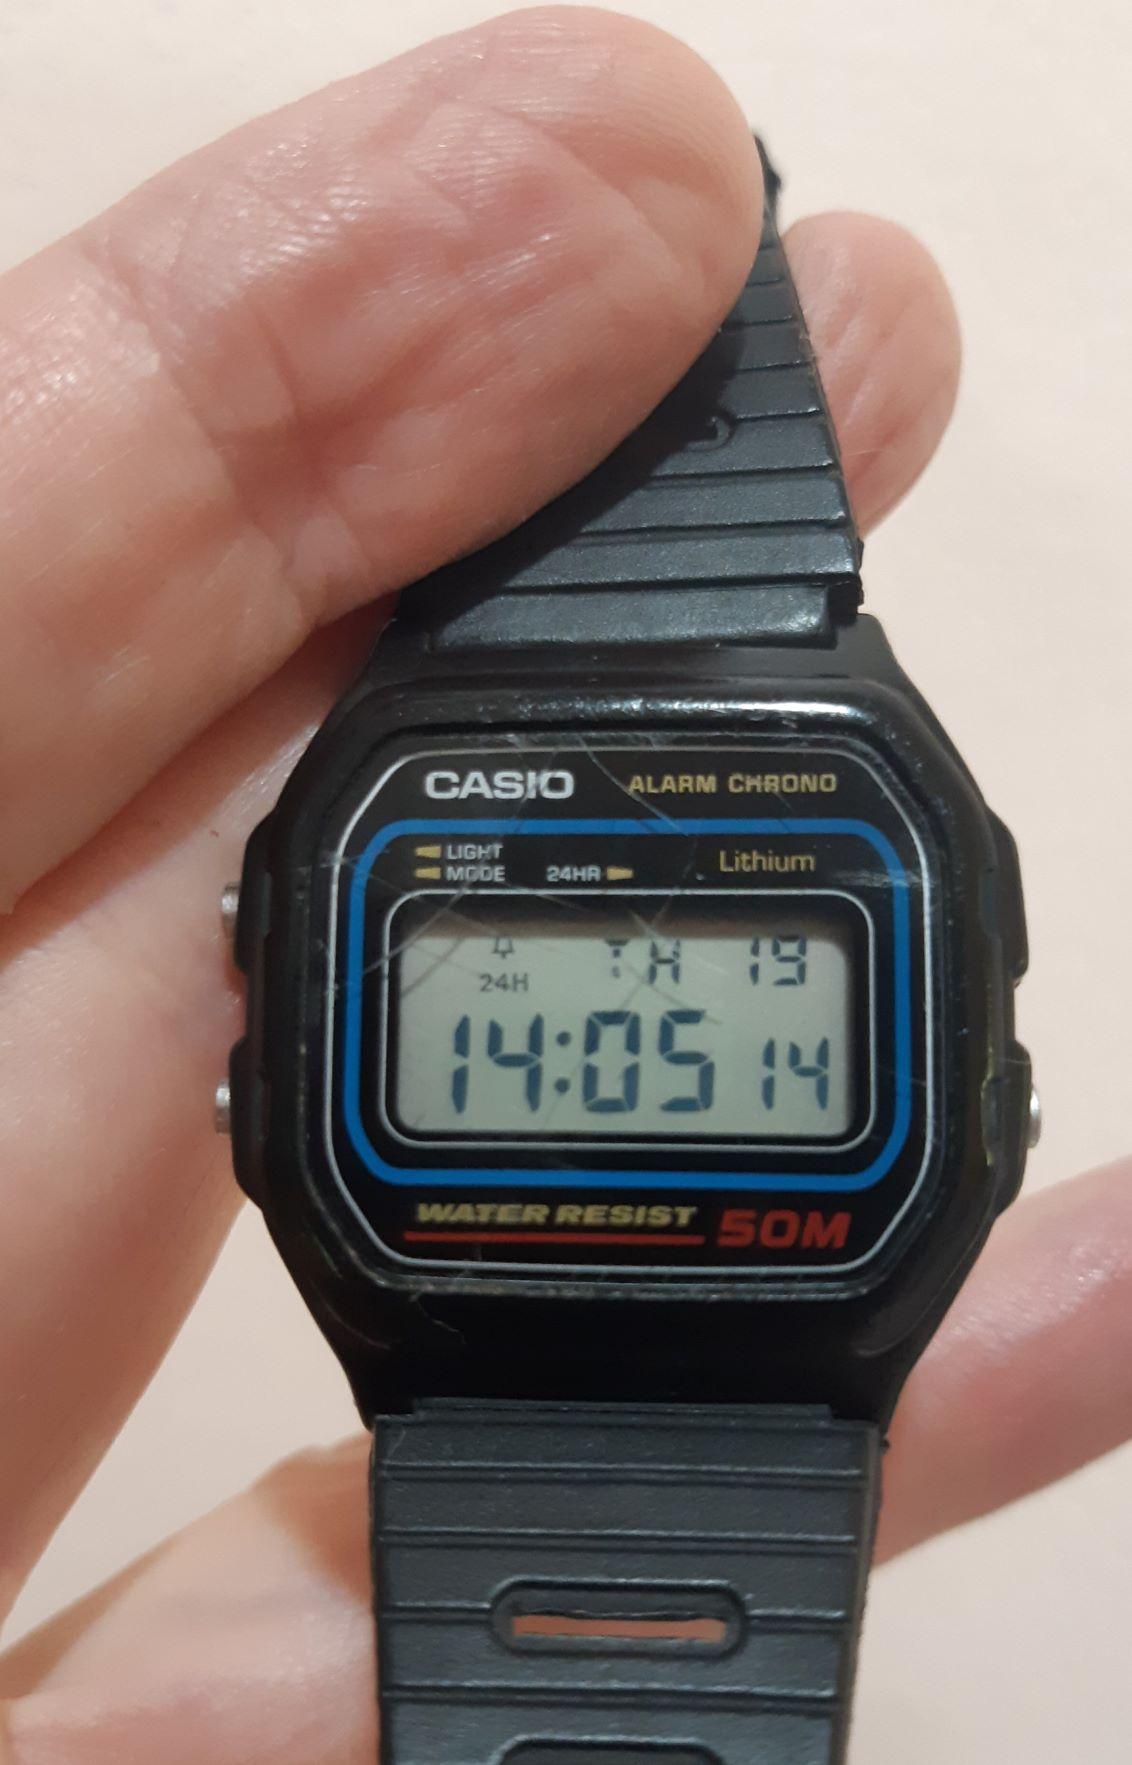 Show us your impulse buy-watch3-jpg